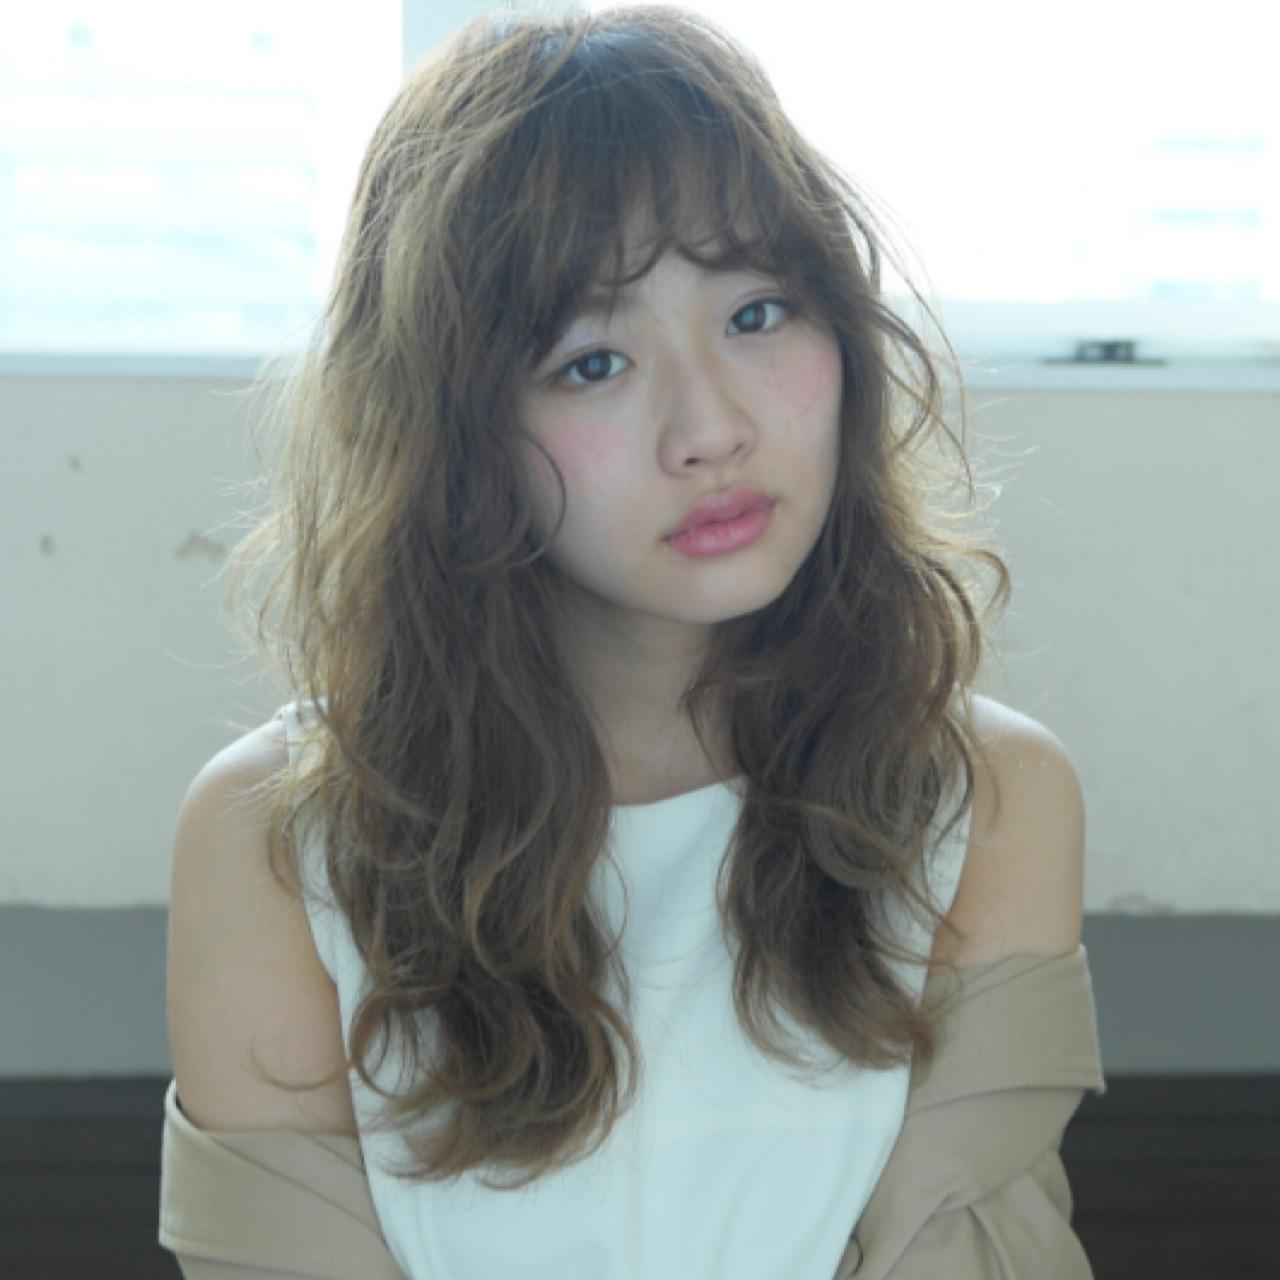 セミロング ハイライト 前髪あり フリンジバング ヘアスタイルや髪型の写真・画像 | 長澤 直樹 / THOiRY栄